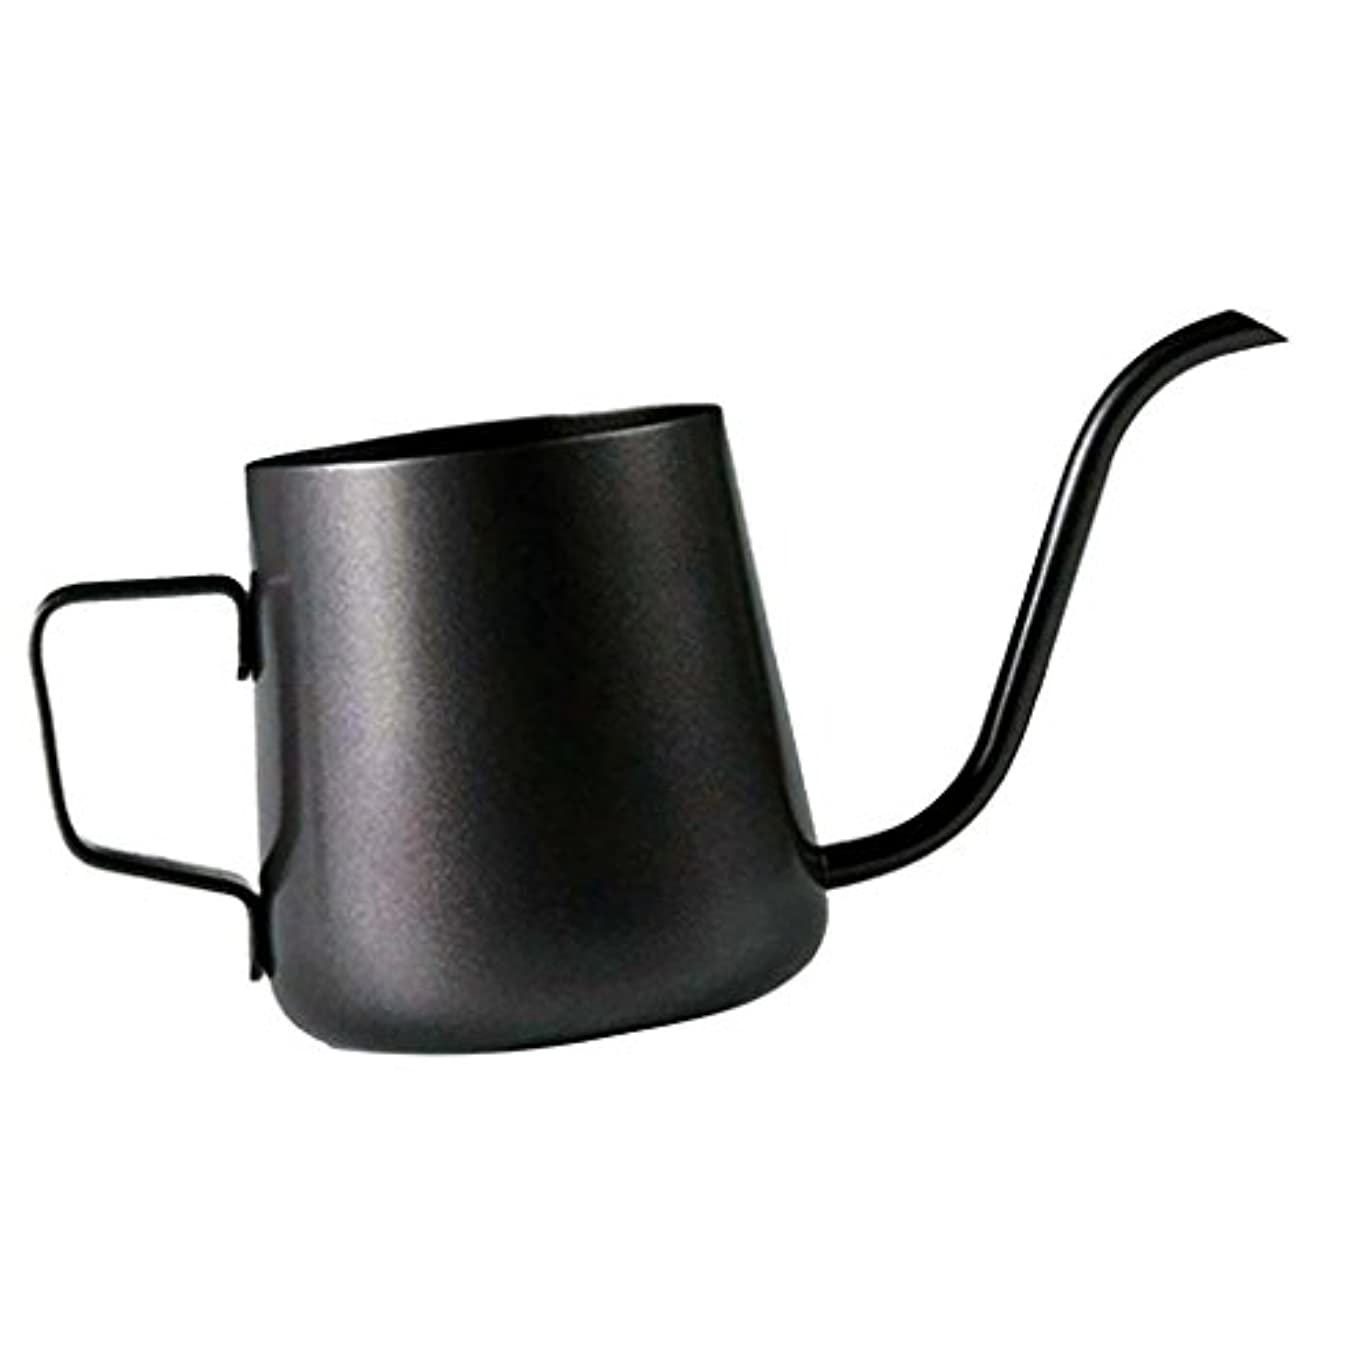 不公平合成くつろぐHomeland コーヒーポット お茶などにも対応 クッキング用品 ステンレス製 エスプレッソポット ケトル - ブラック, 250ミリリットル